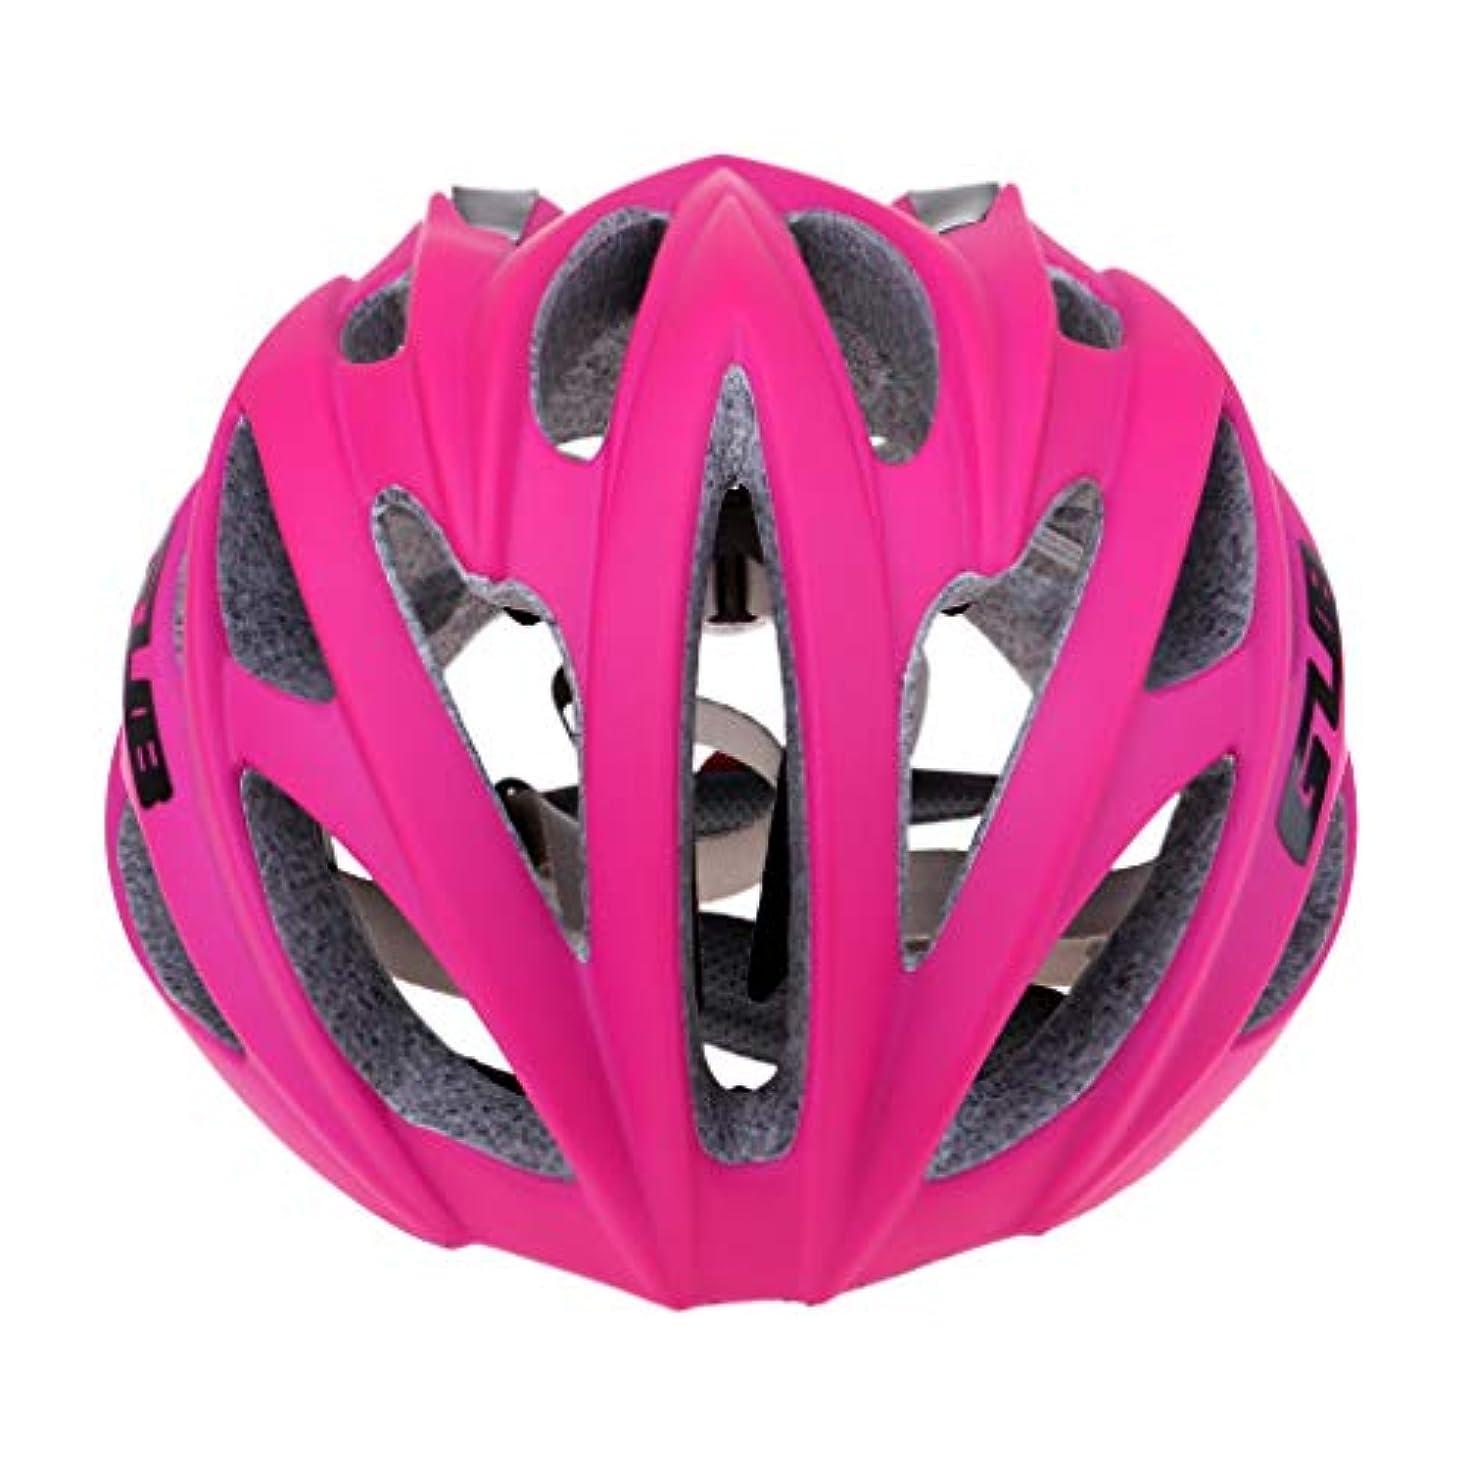 彼はウイルストランクライブラリP Prettyia アクセサリー 部品 自転車ヘルメット 山/ロードバイク ヘルメット サイクリング 安全ヘルメット ユニセックス 全2色